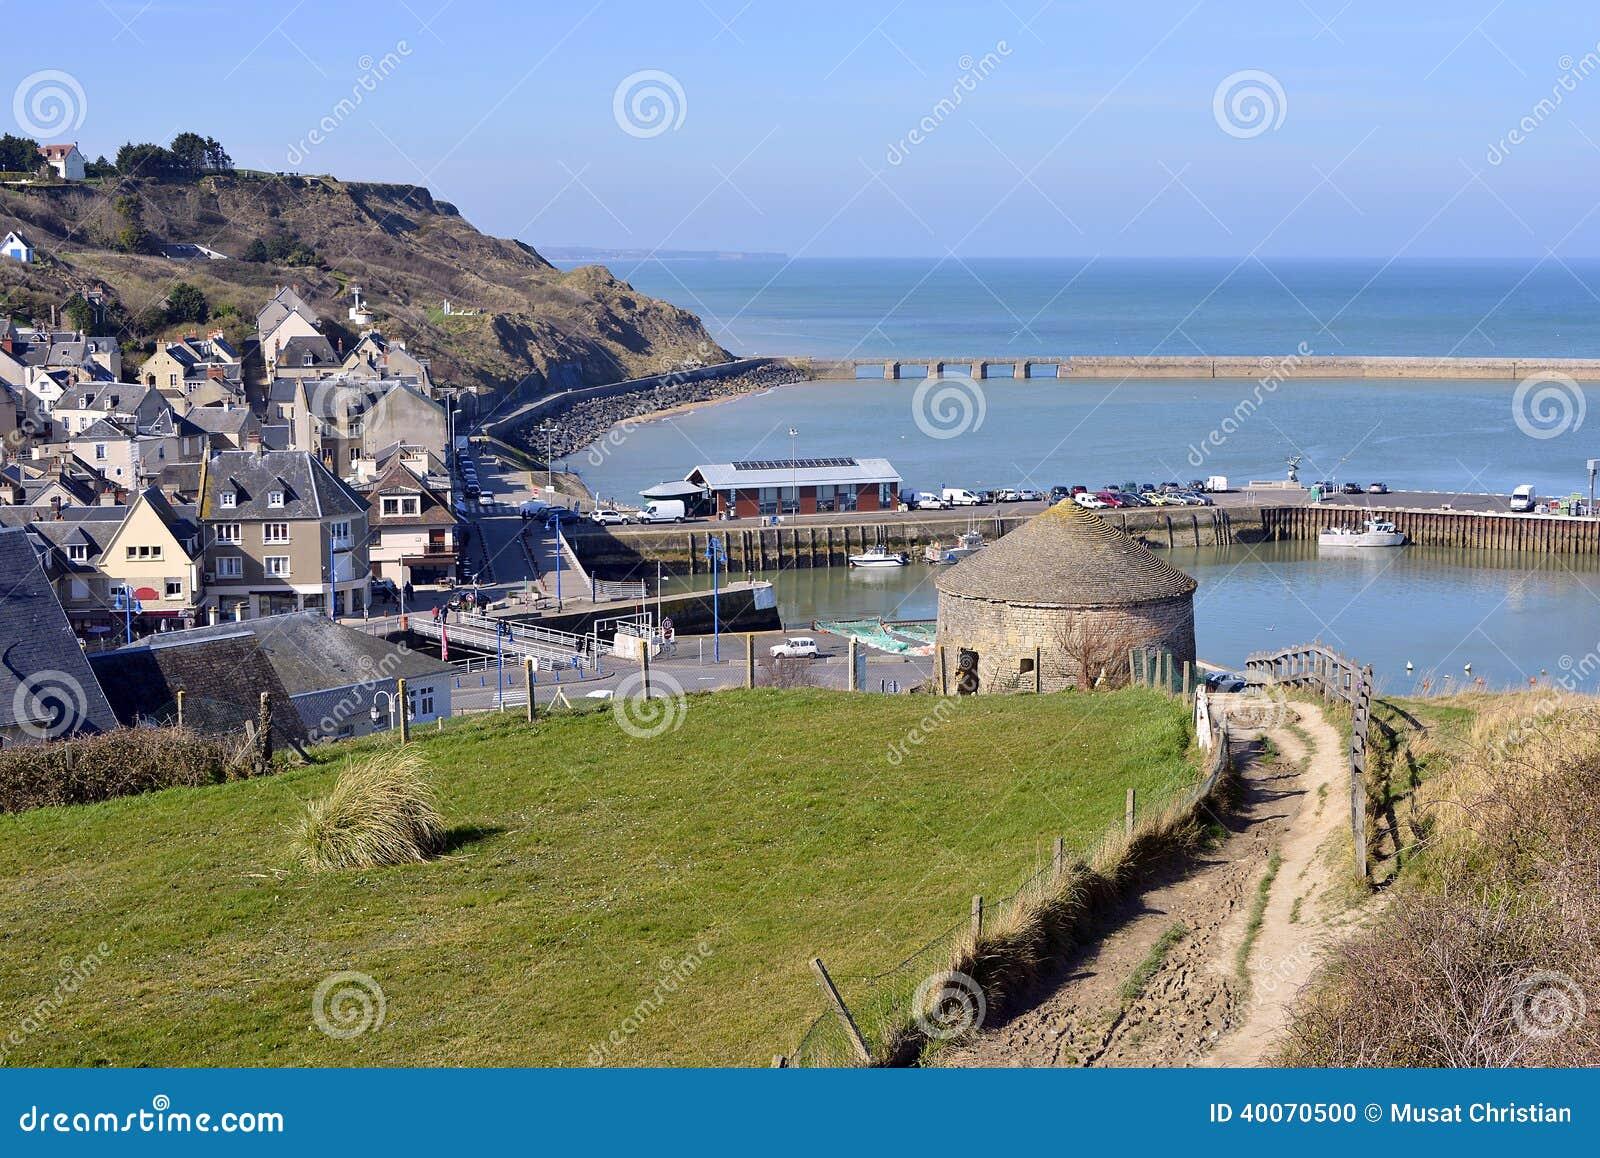 Town of port en bessin in france stock photo image 40070500 - Poissonnerie port en bessin ...